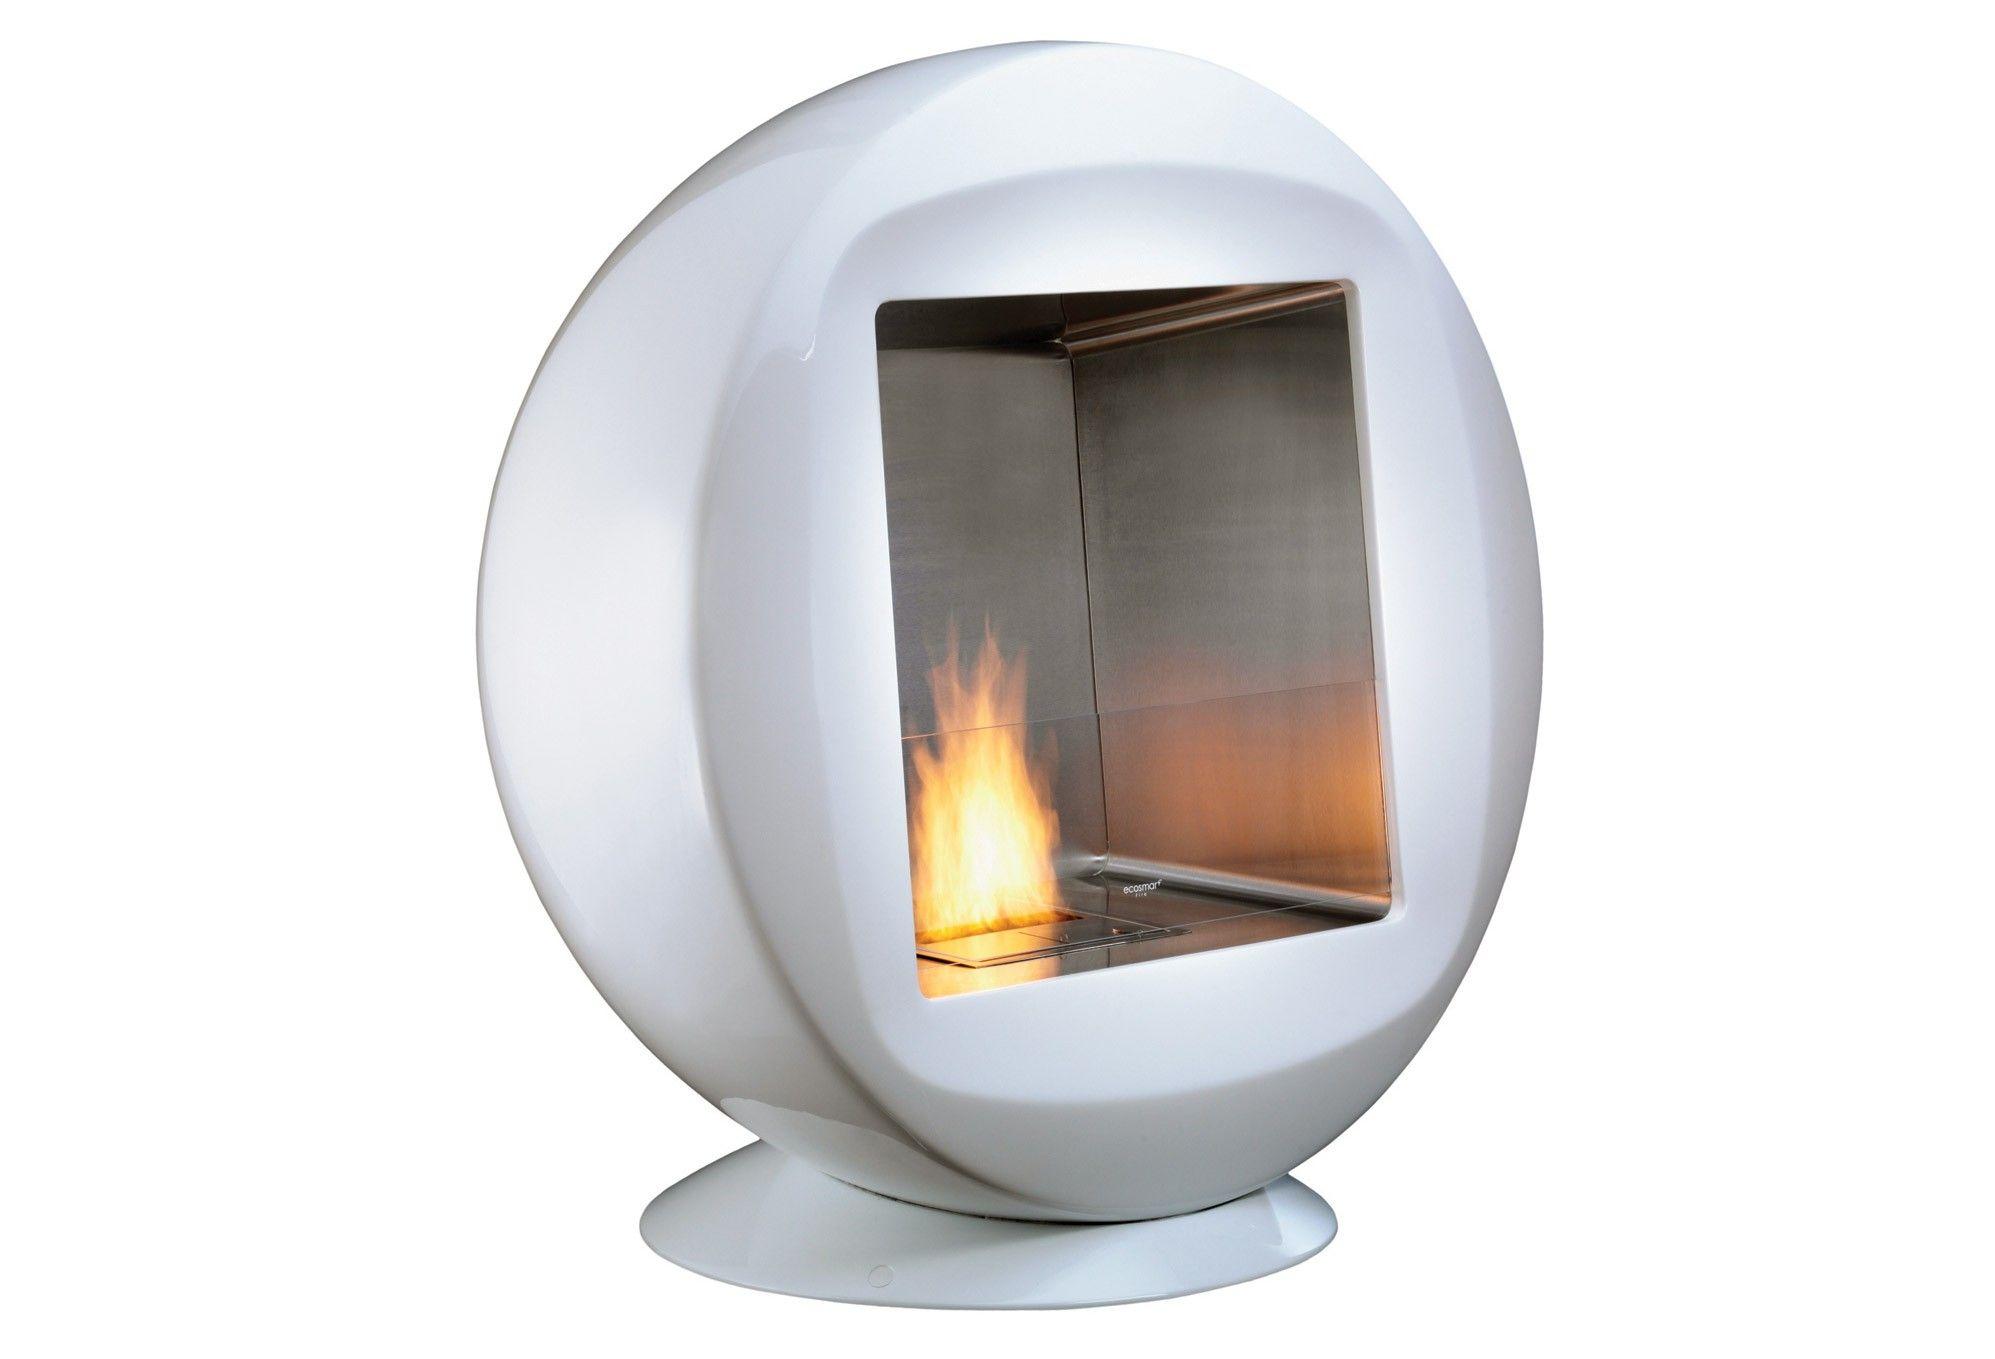 EcoSmart Fire: Q Modern Ventless Designer Indoor or Outdoor Fireplace